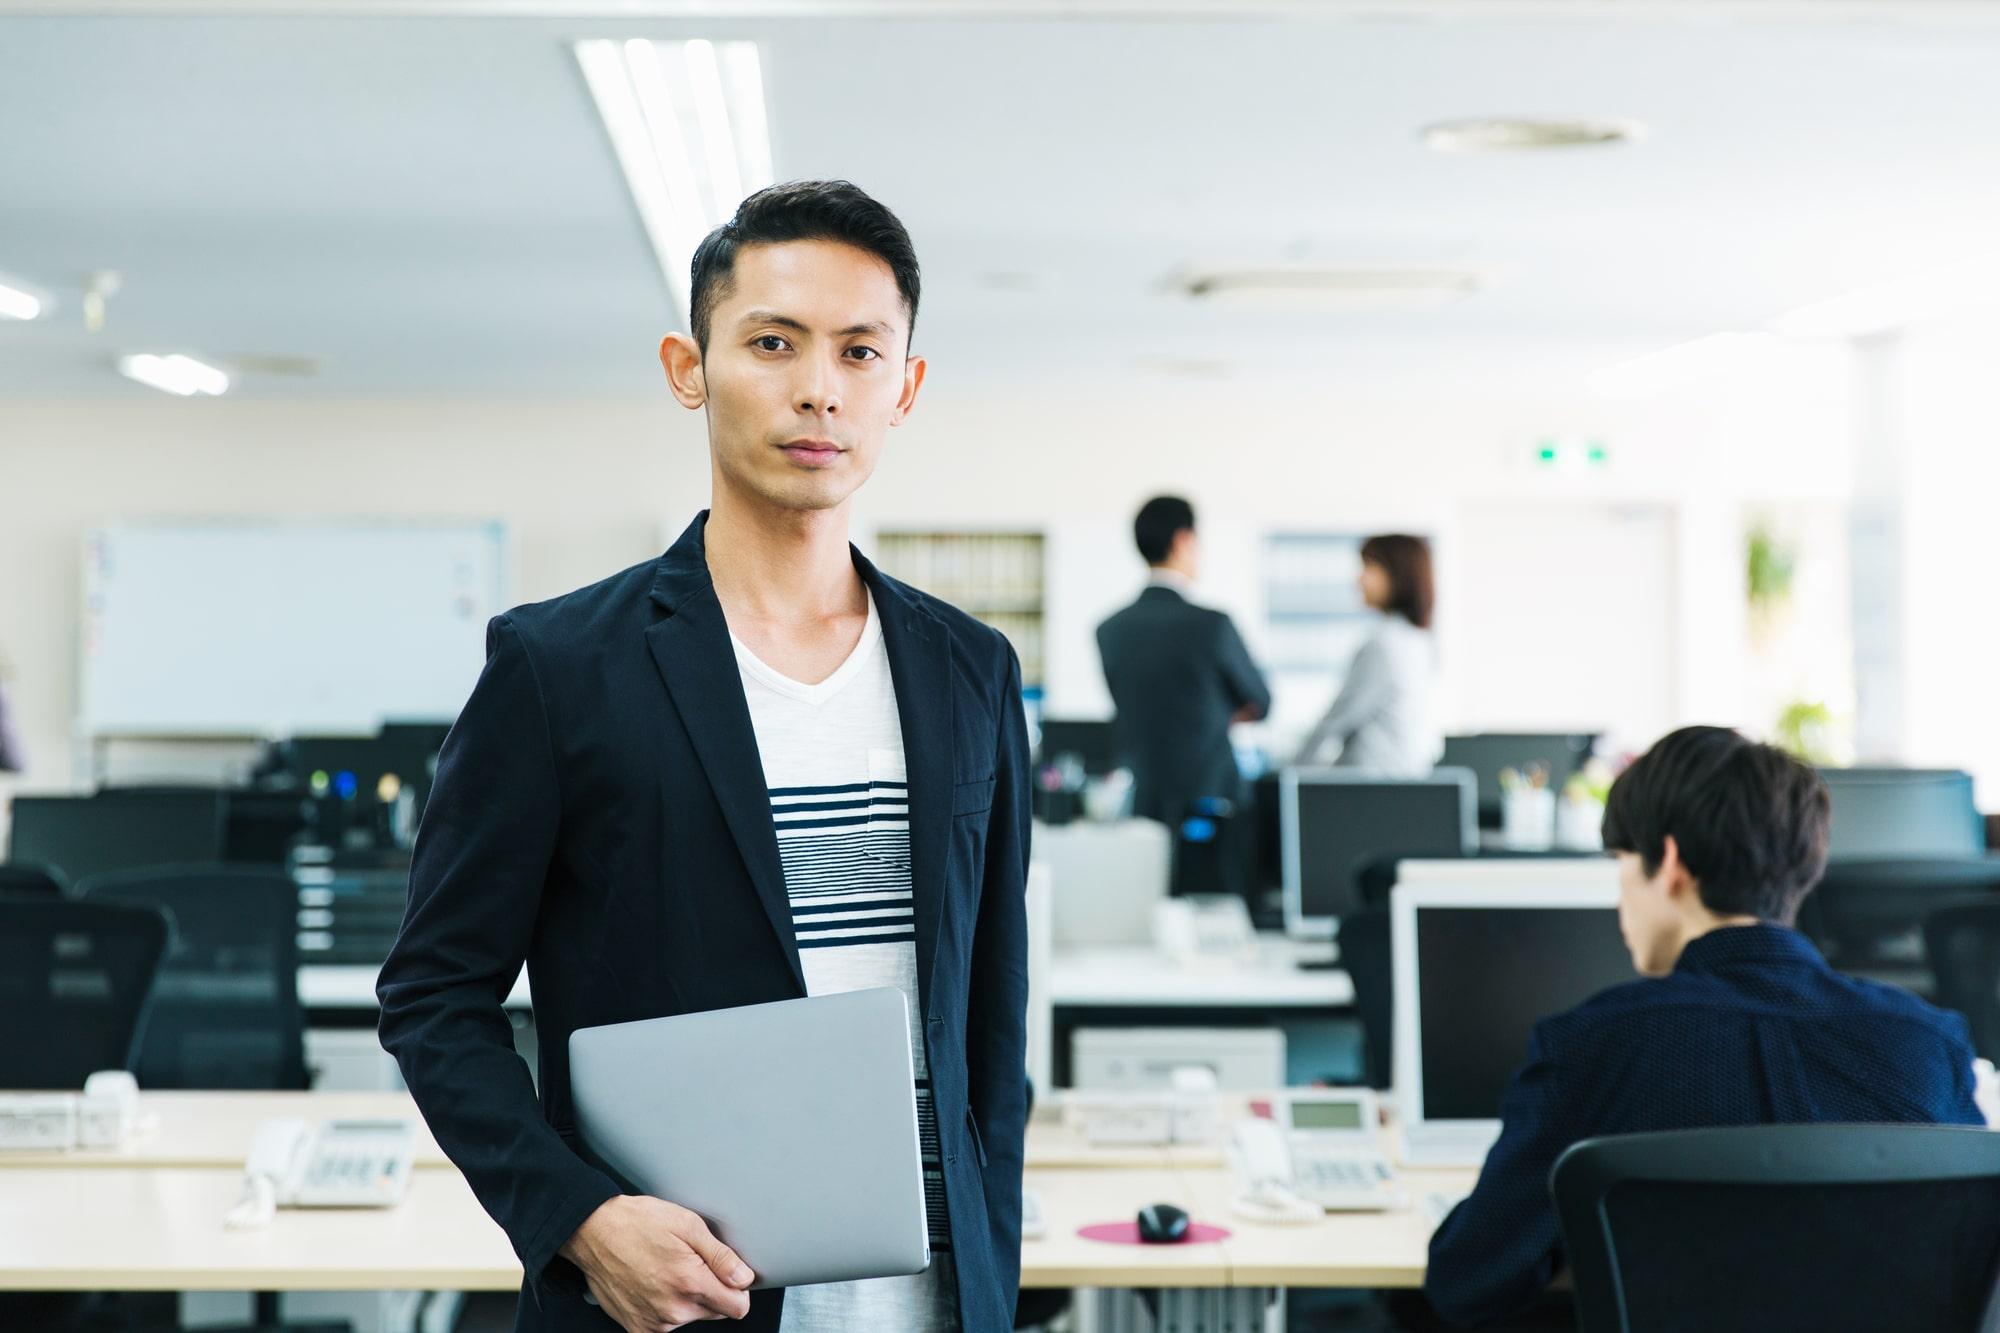 インフラエンジニアの転職の際に有利になるスキル・資格